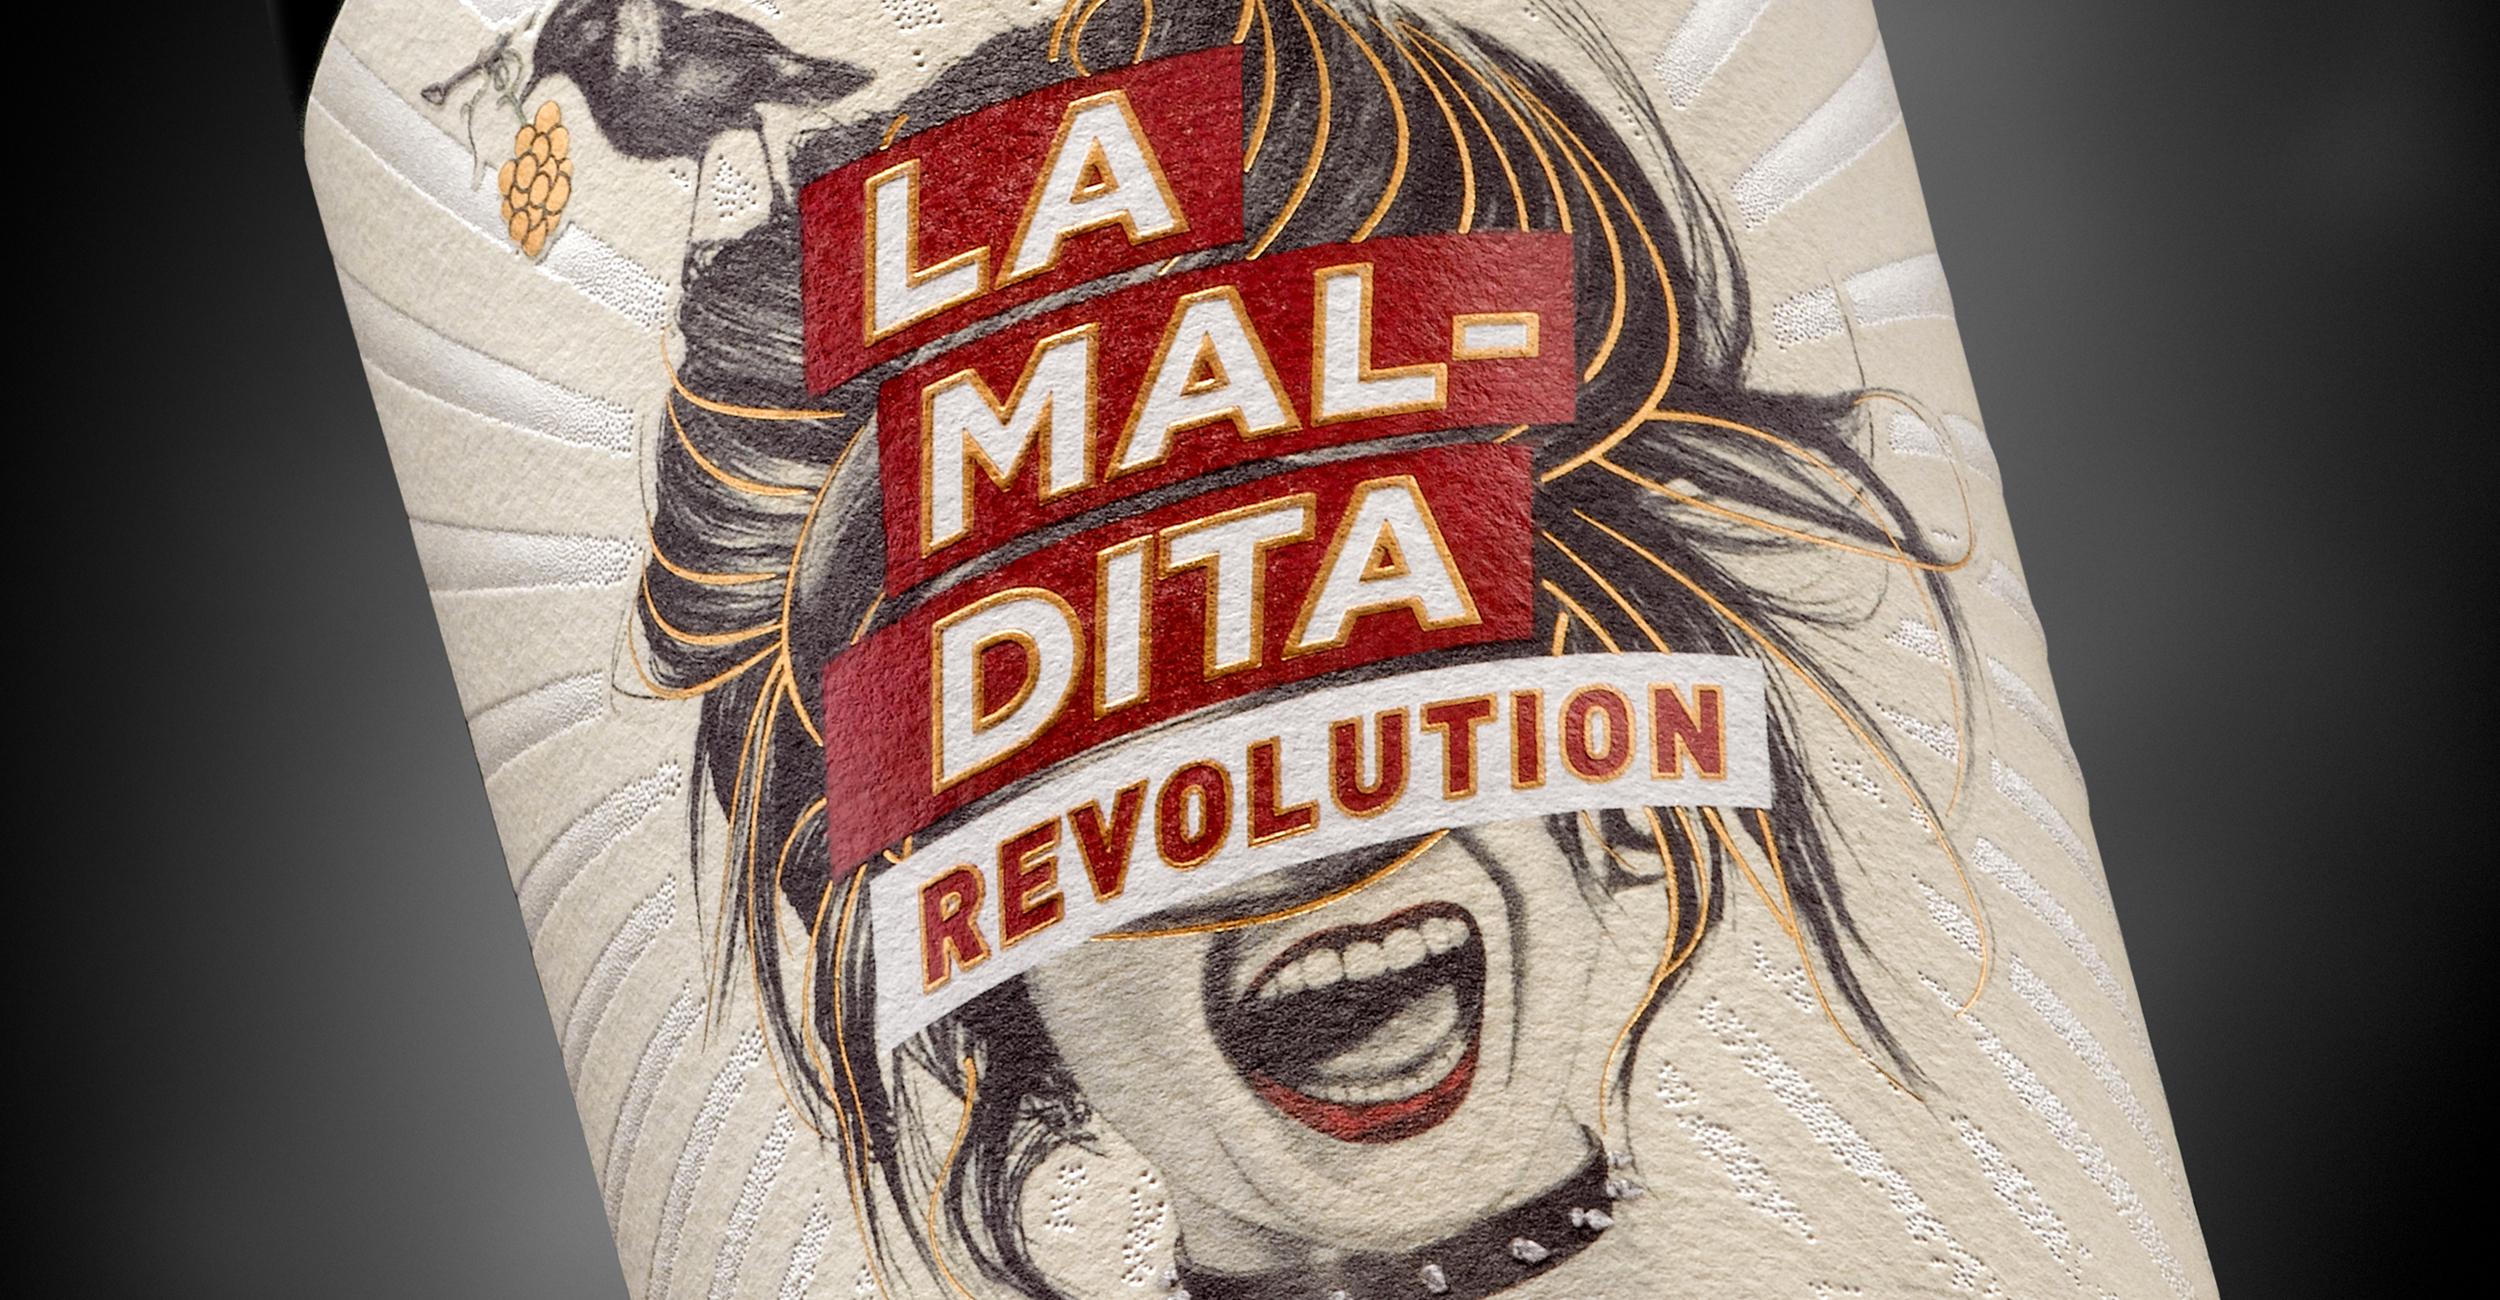 La Maldita Revolution